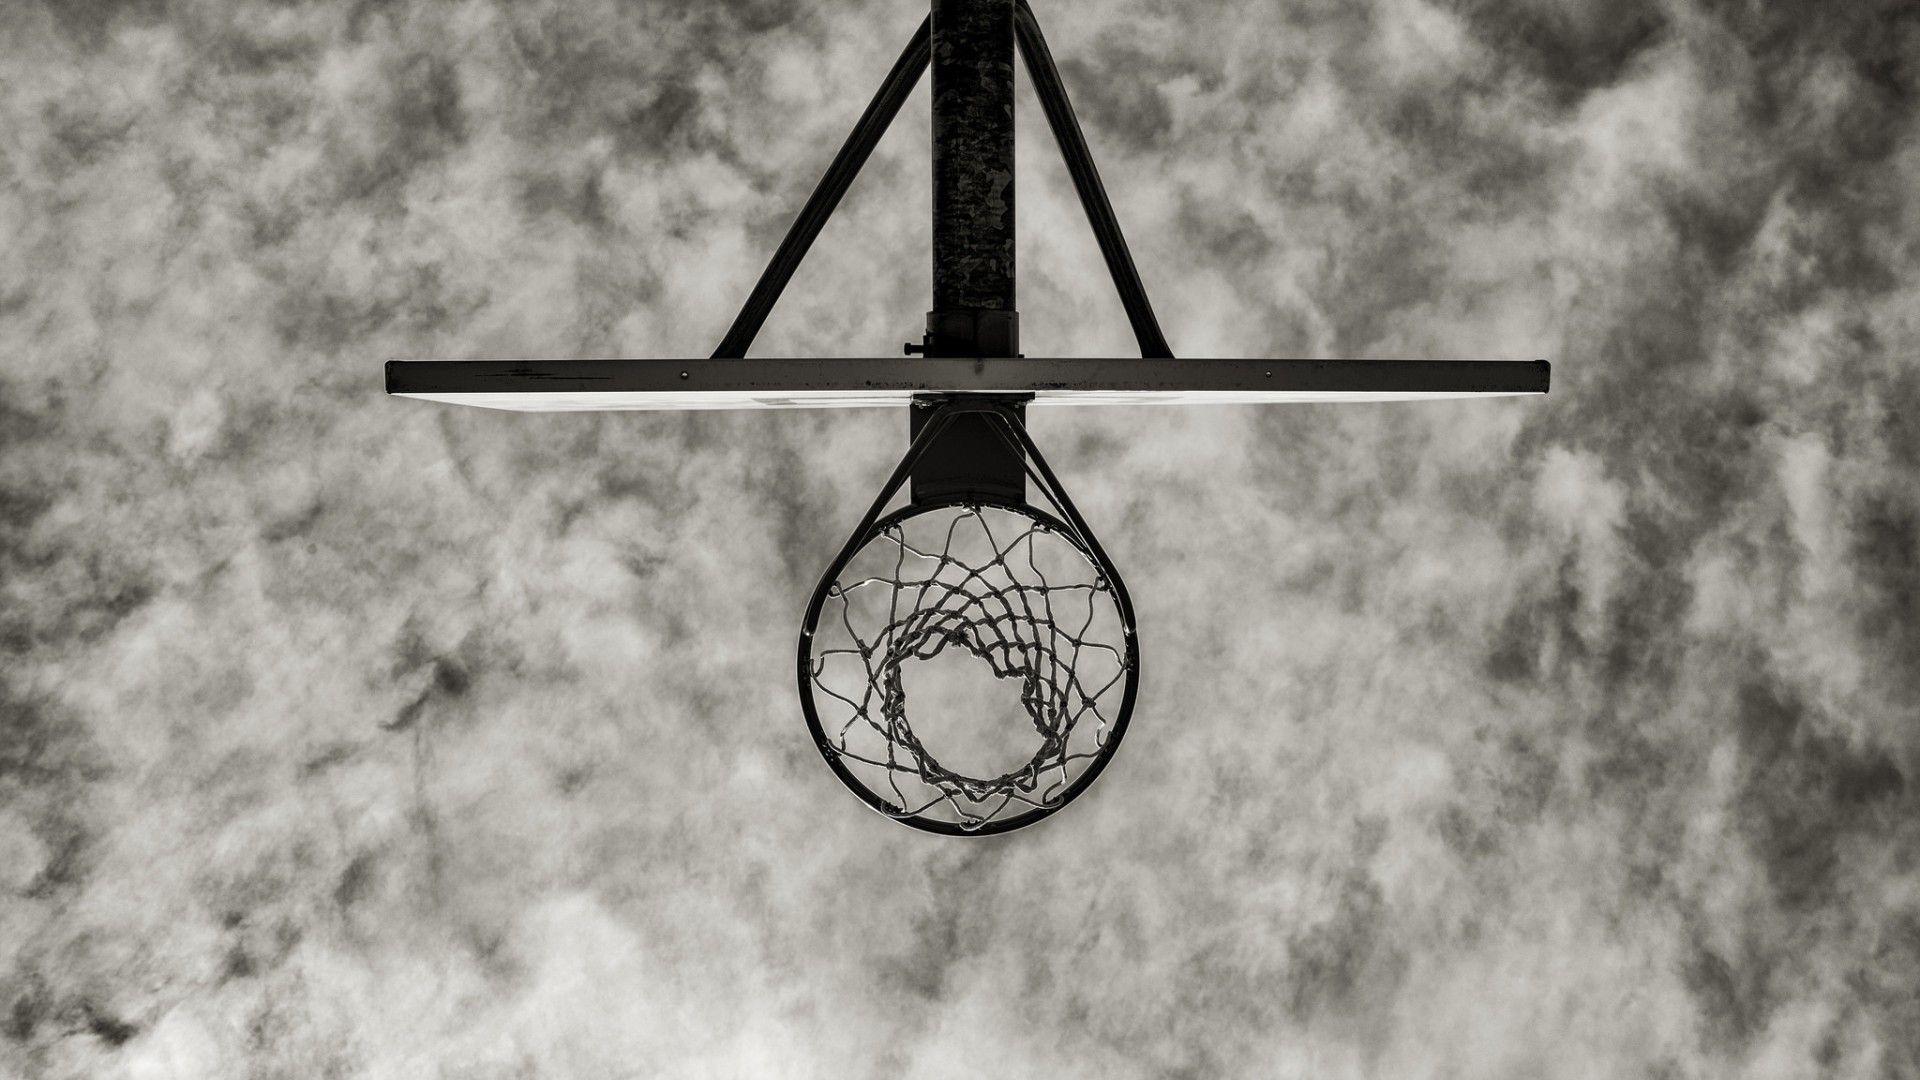 Beautiful Wallpaper Home Screen Basketball - Basketball-Court-Wallpaper-25-1920x1080  HD_208459.jpg